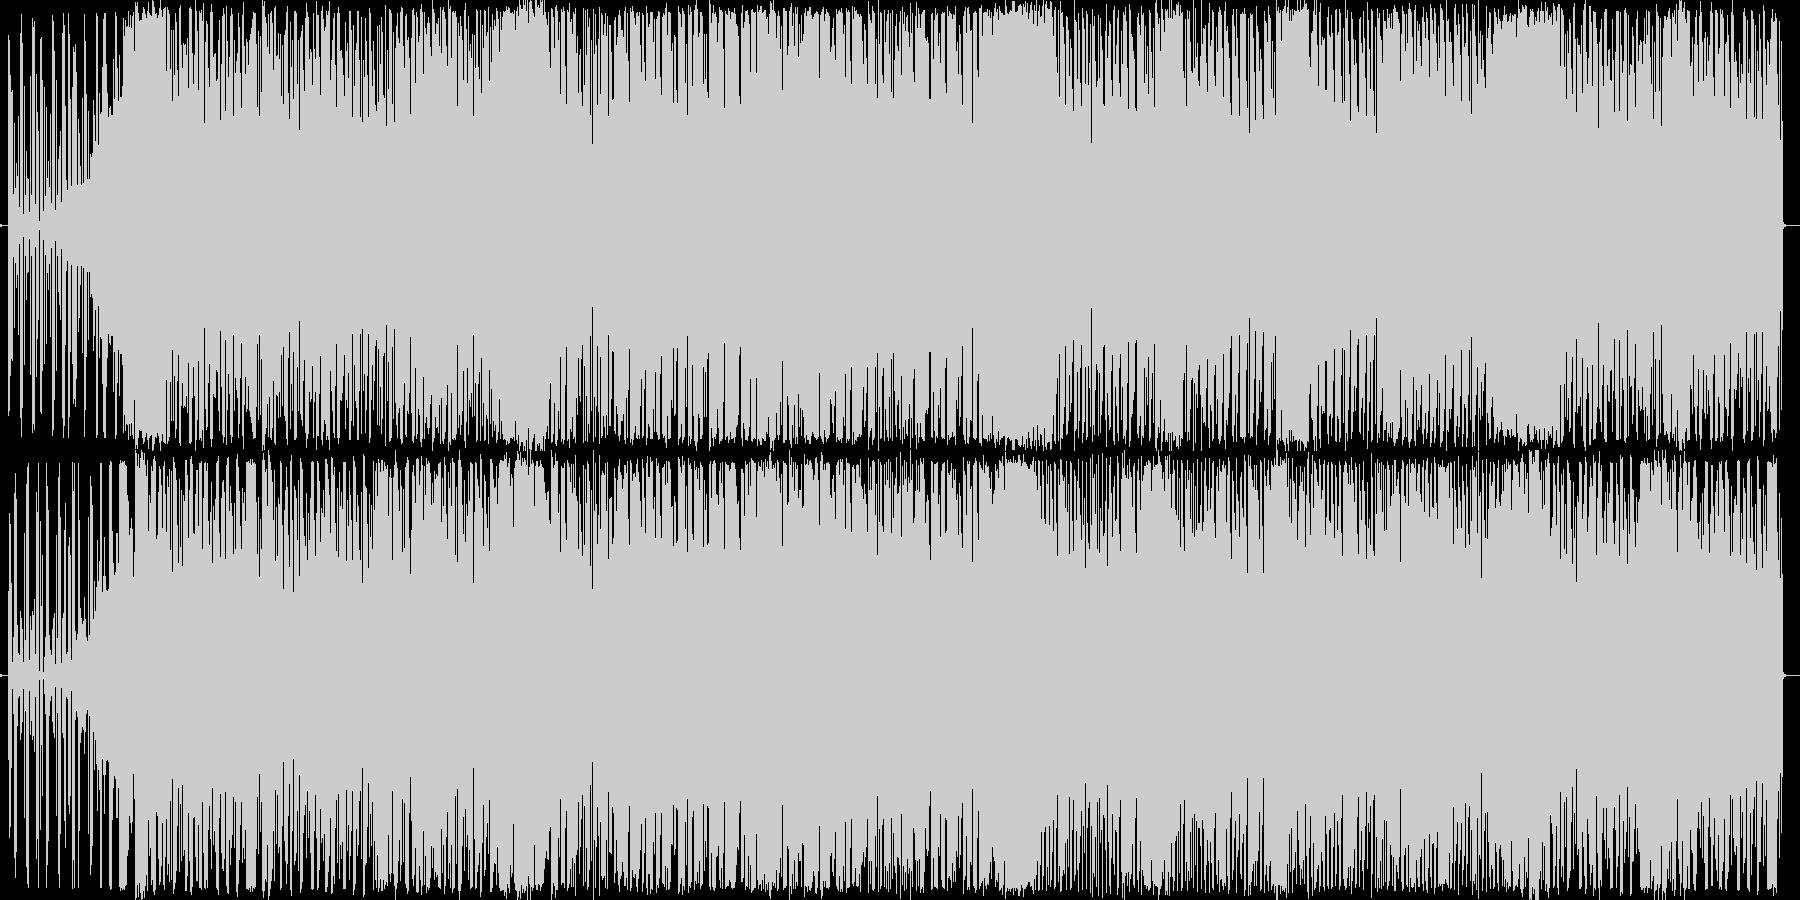 4つ打ちハウス系のお洒落なダンスサウンドの未再生の波形